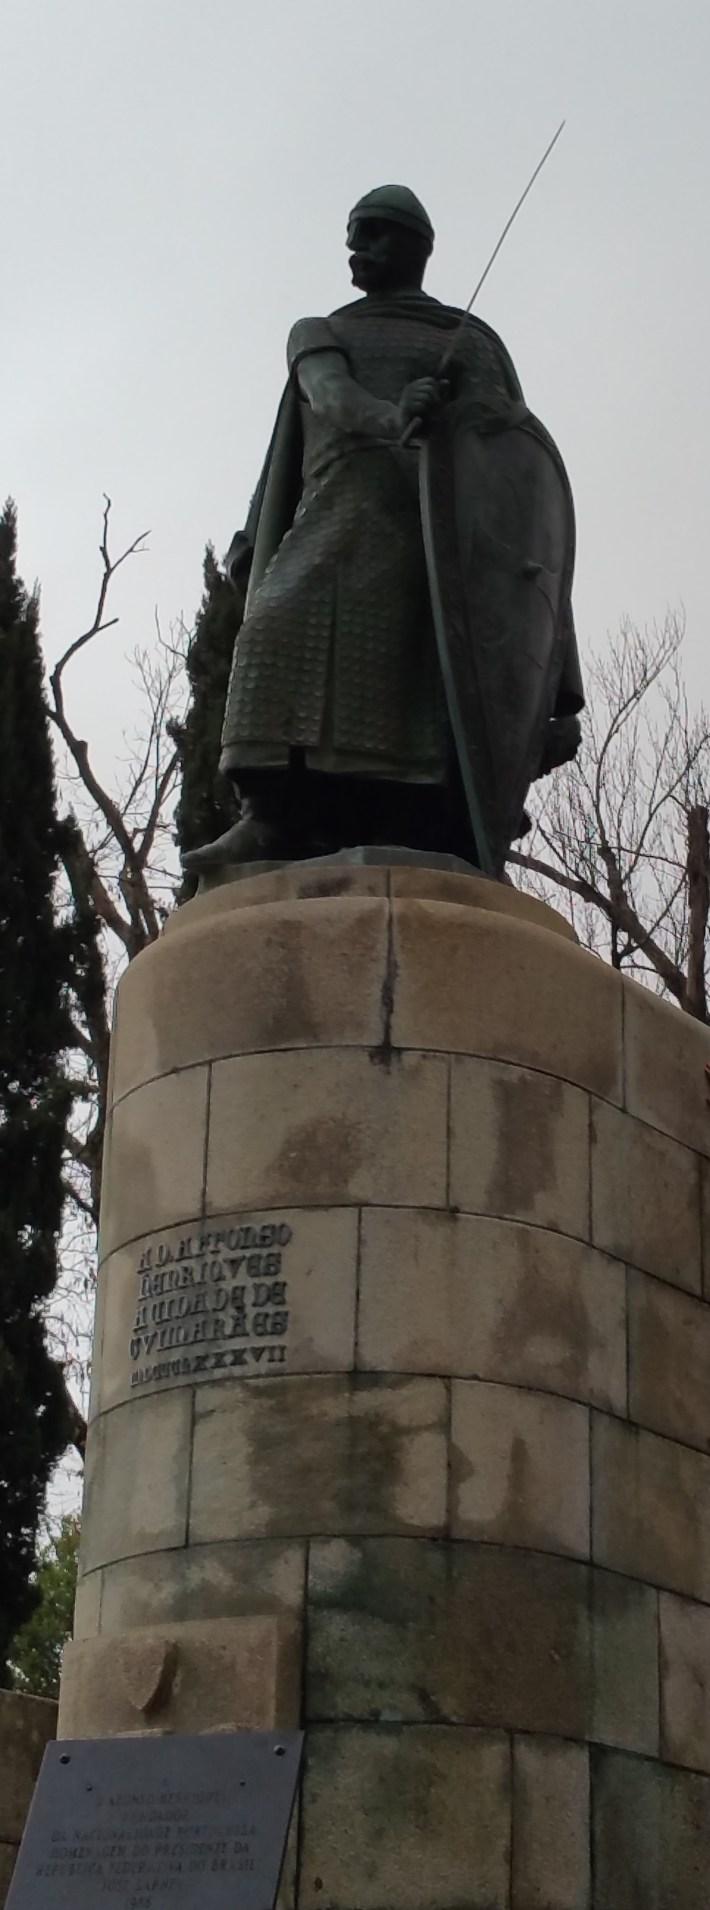 Estatua de Afonso Henriques, primer rey del país. Guimarães (Portugal)